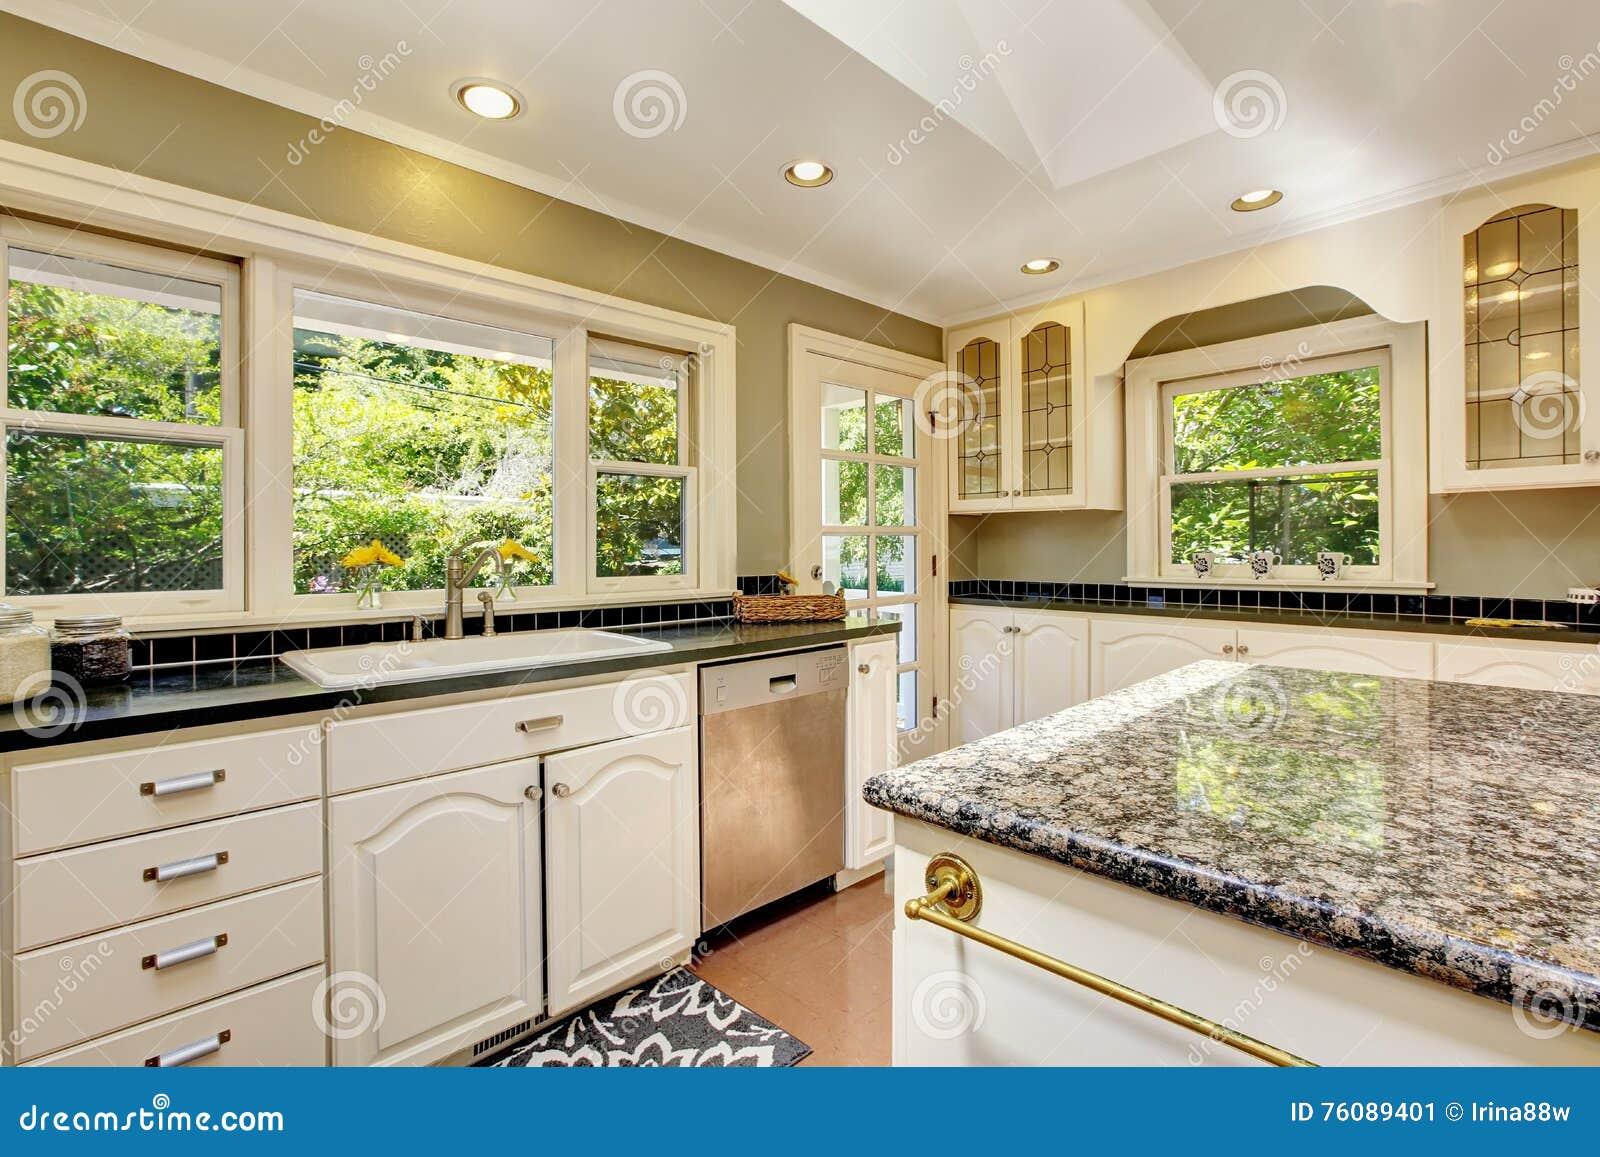 Ilha Cozinha Granito Cozinha Branca Com Balco De Pia E Bancada Do